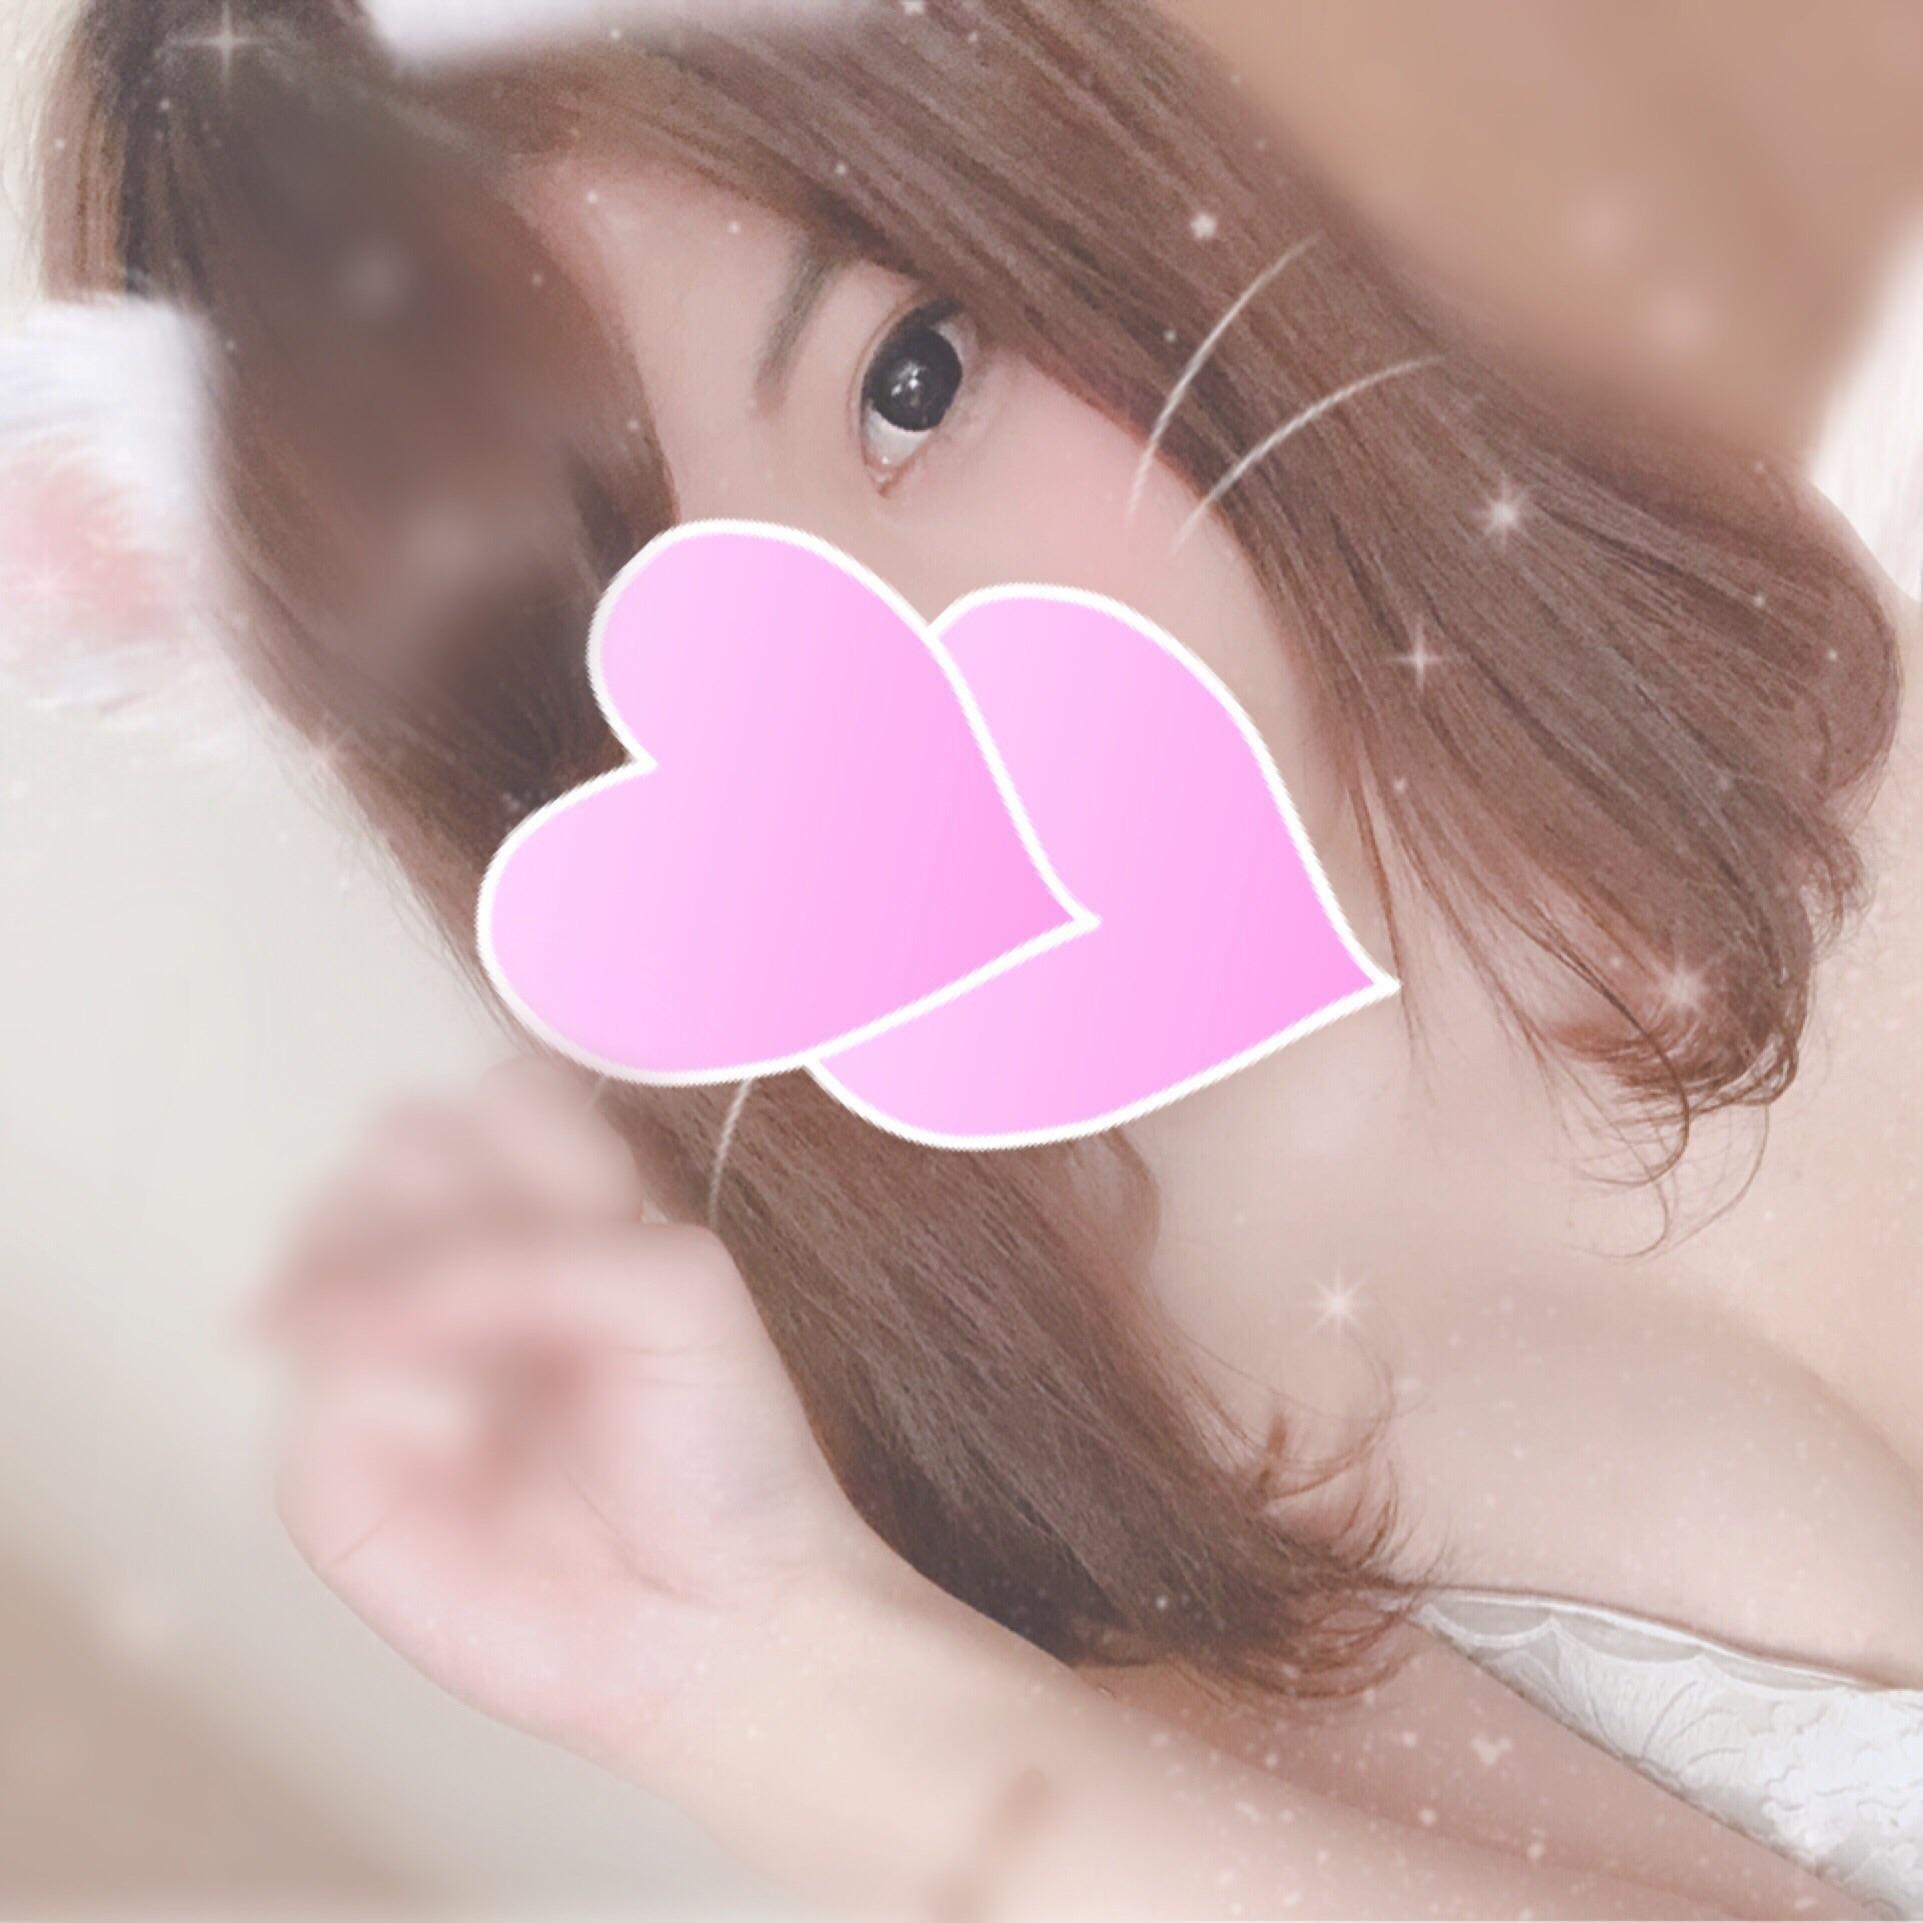 「#おはよう」12/16(日) 11:33 | ゆうりの写メ・風俗動画